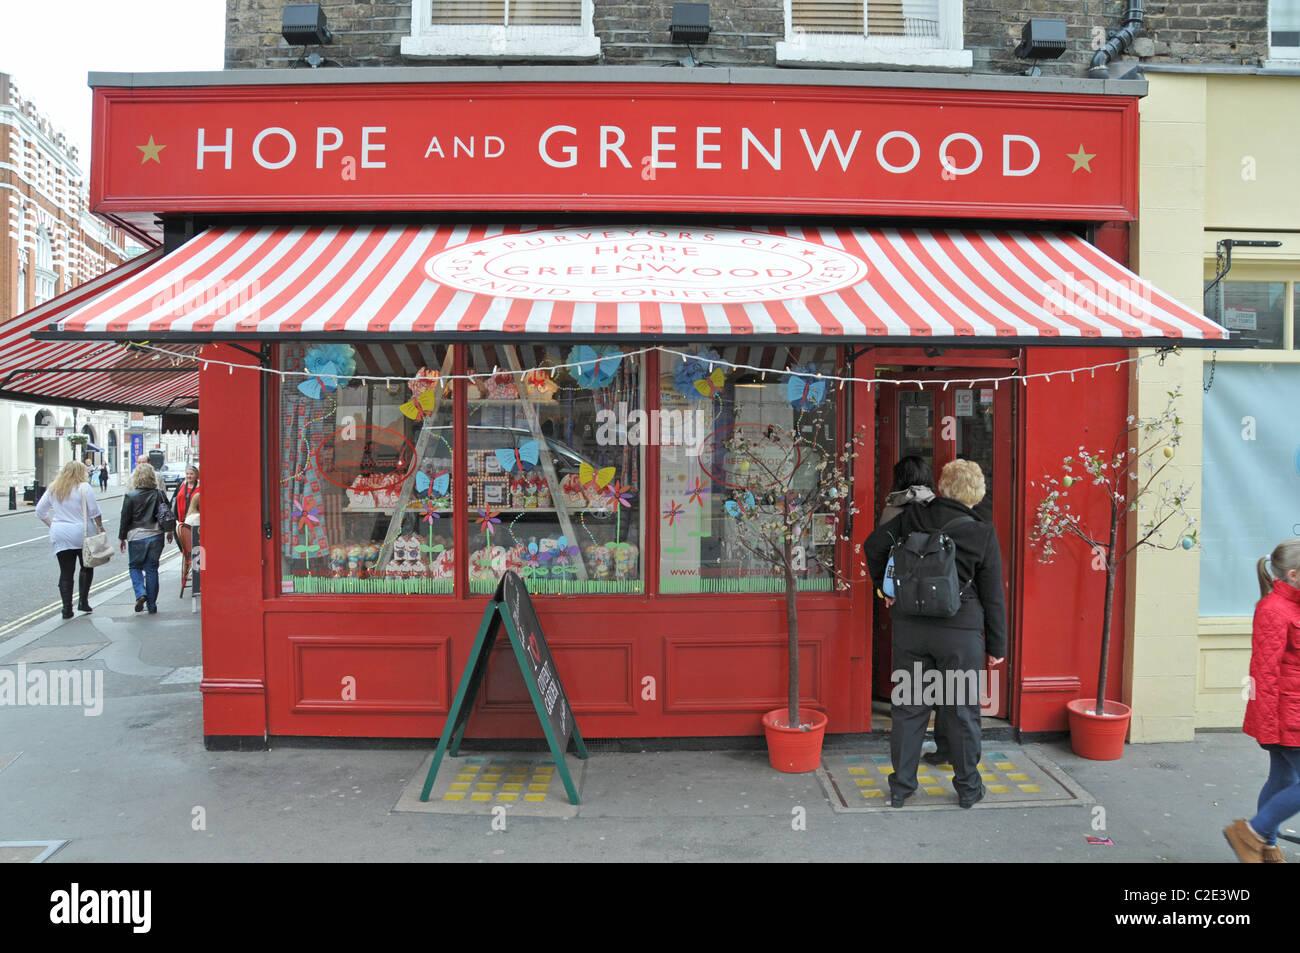 Hoffnung und Greenwood traditionelle englische Süßwarenladen Candy store Covent Garden in London Stockbild